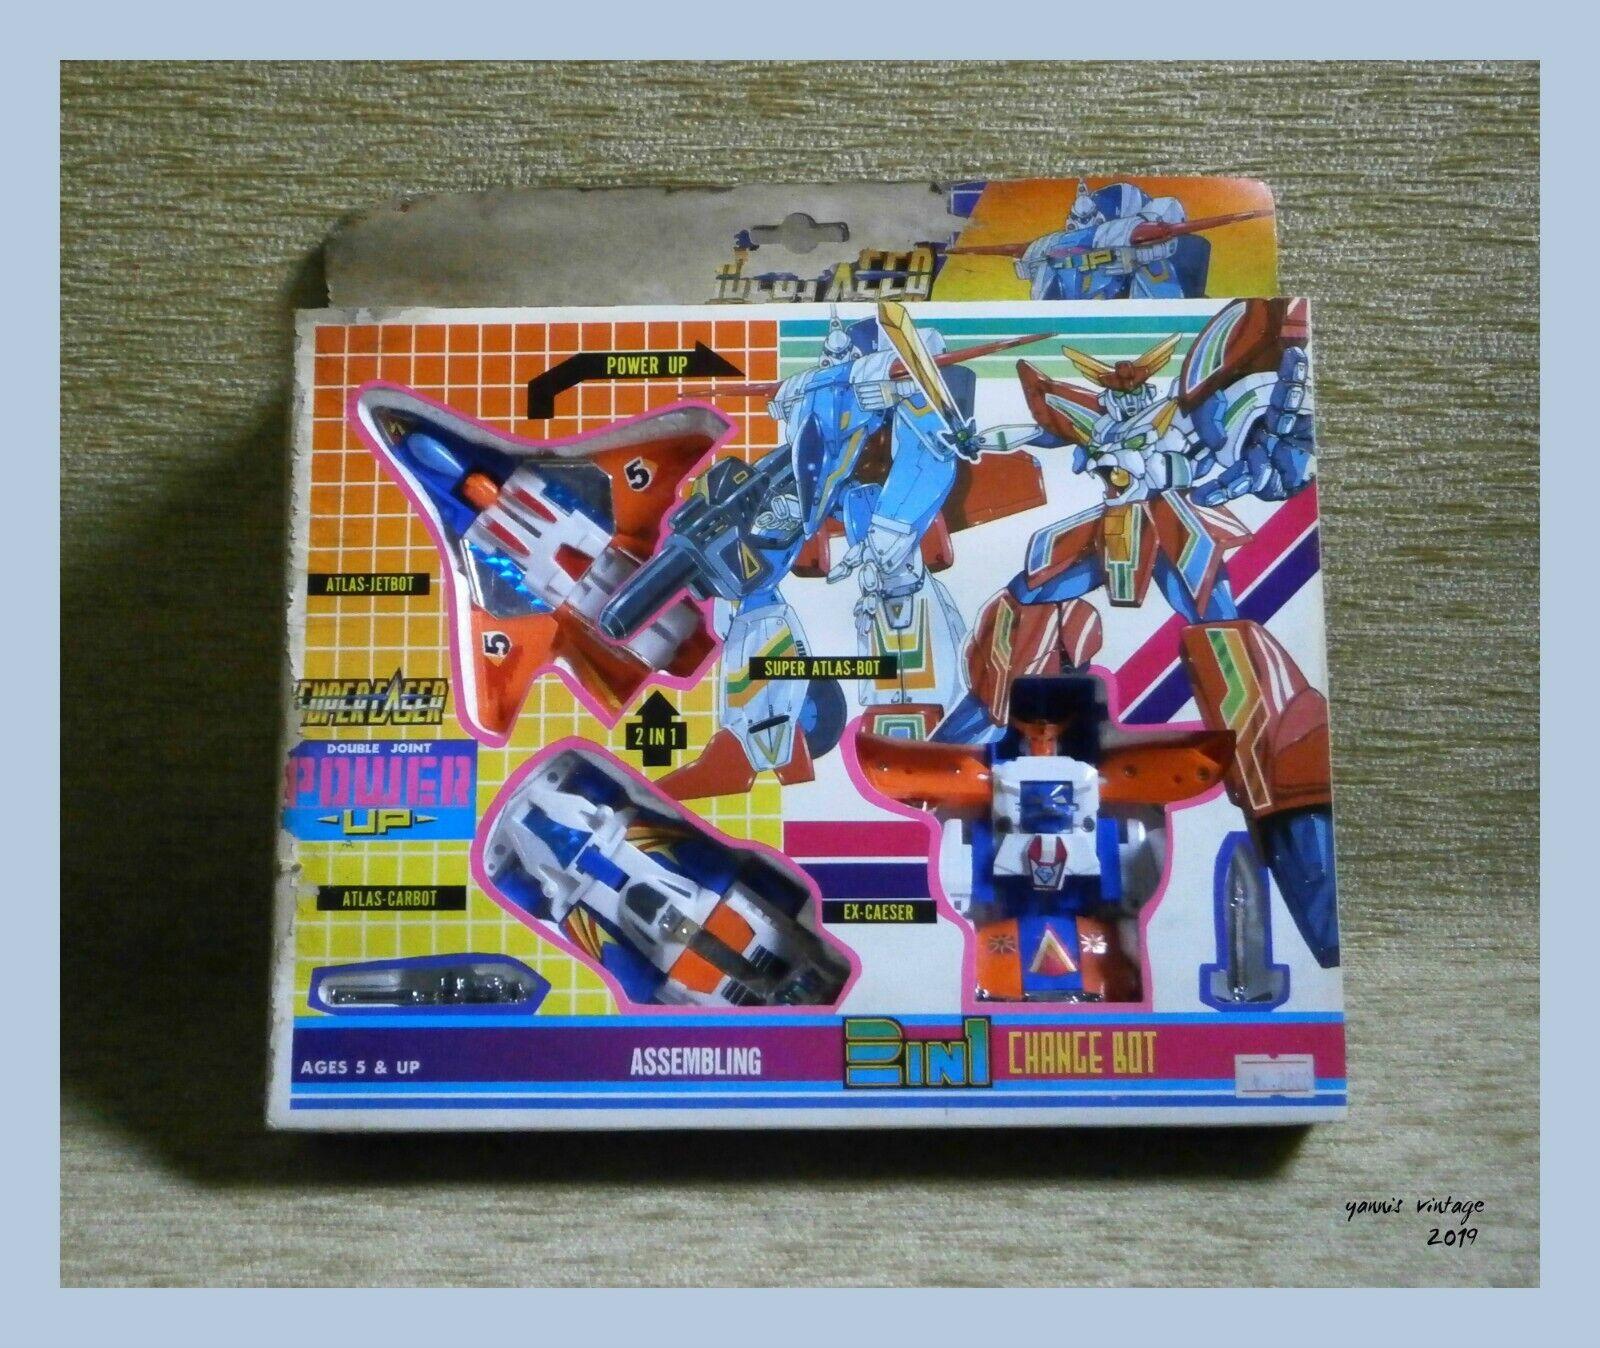 SUPER Atlas Bot  Voiture Bot  & Jet Bot Neuf dans sa boîte Taiwan Transformers vintage rare  économisez 60% de réduction et expédition rapide dans le monde entier